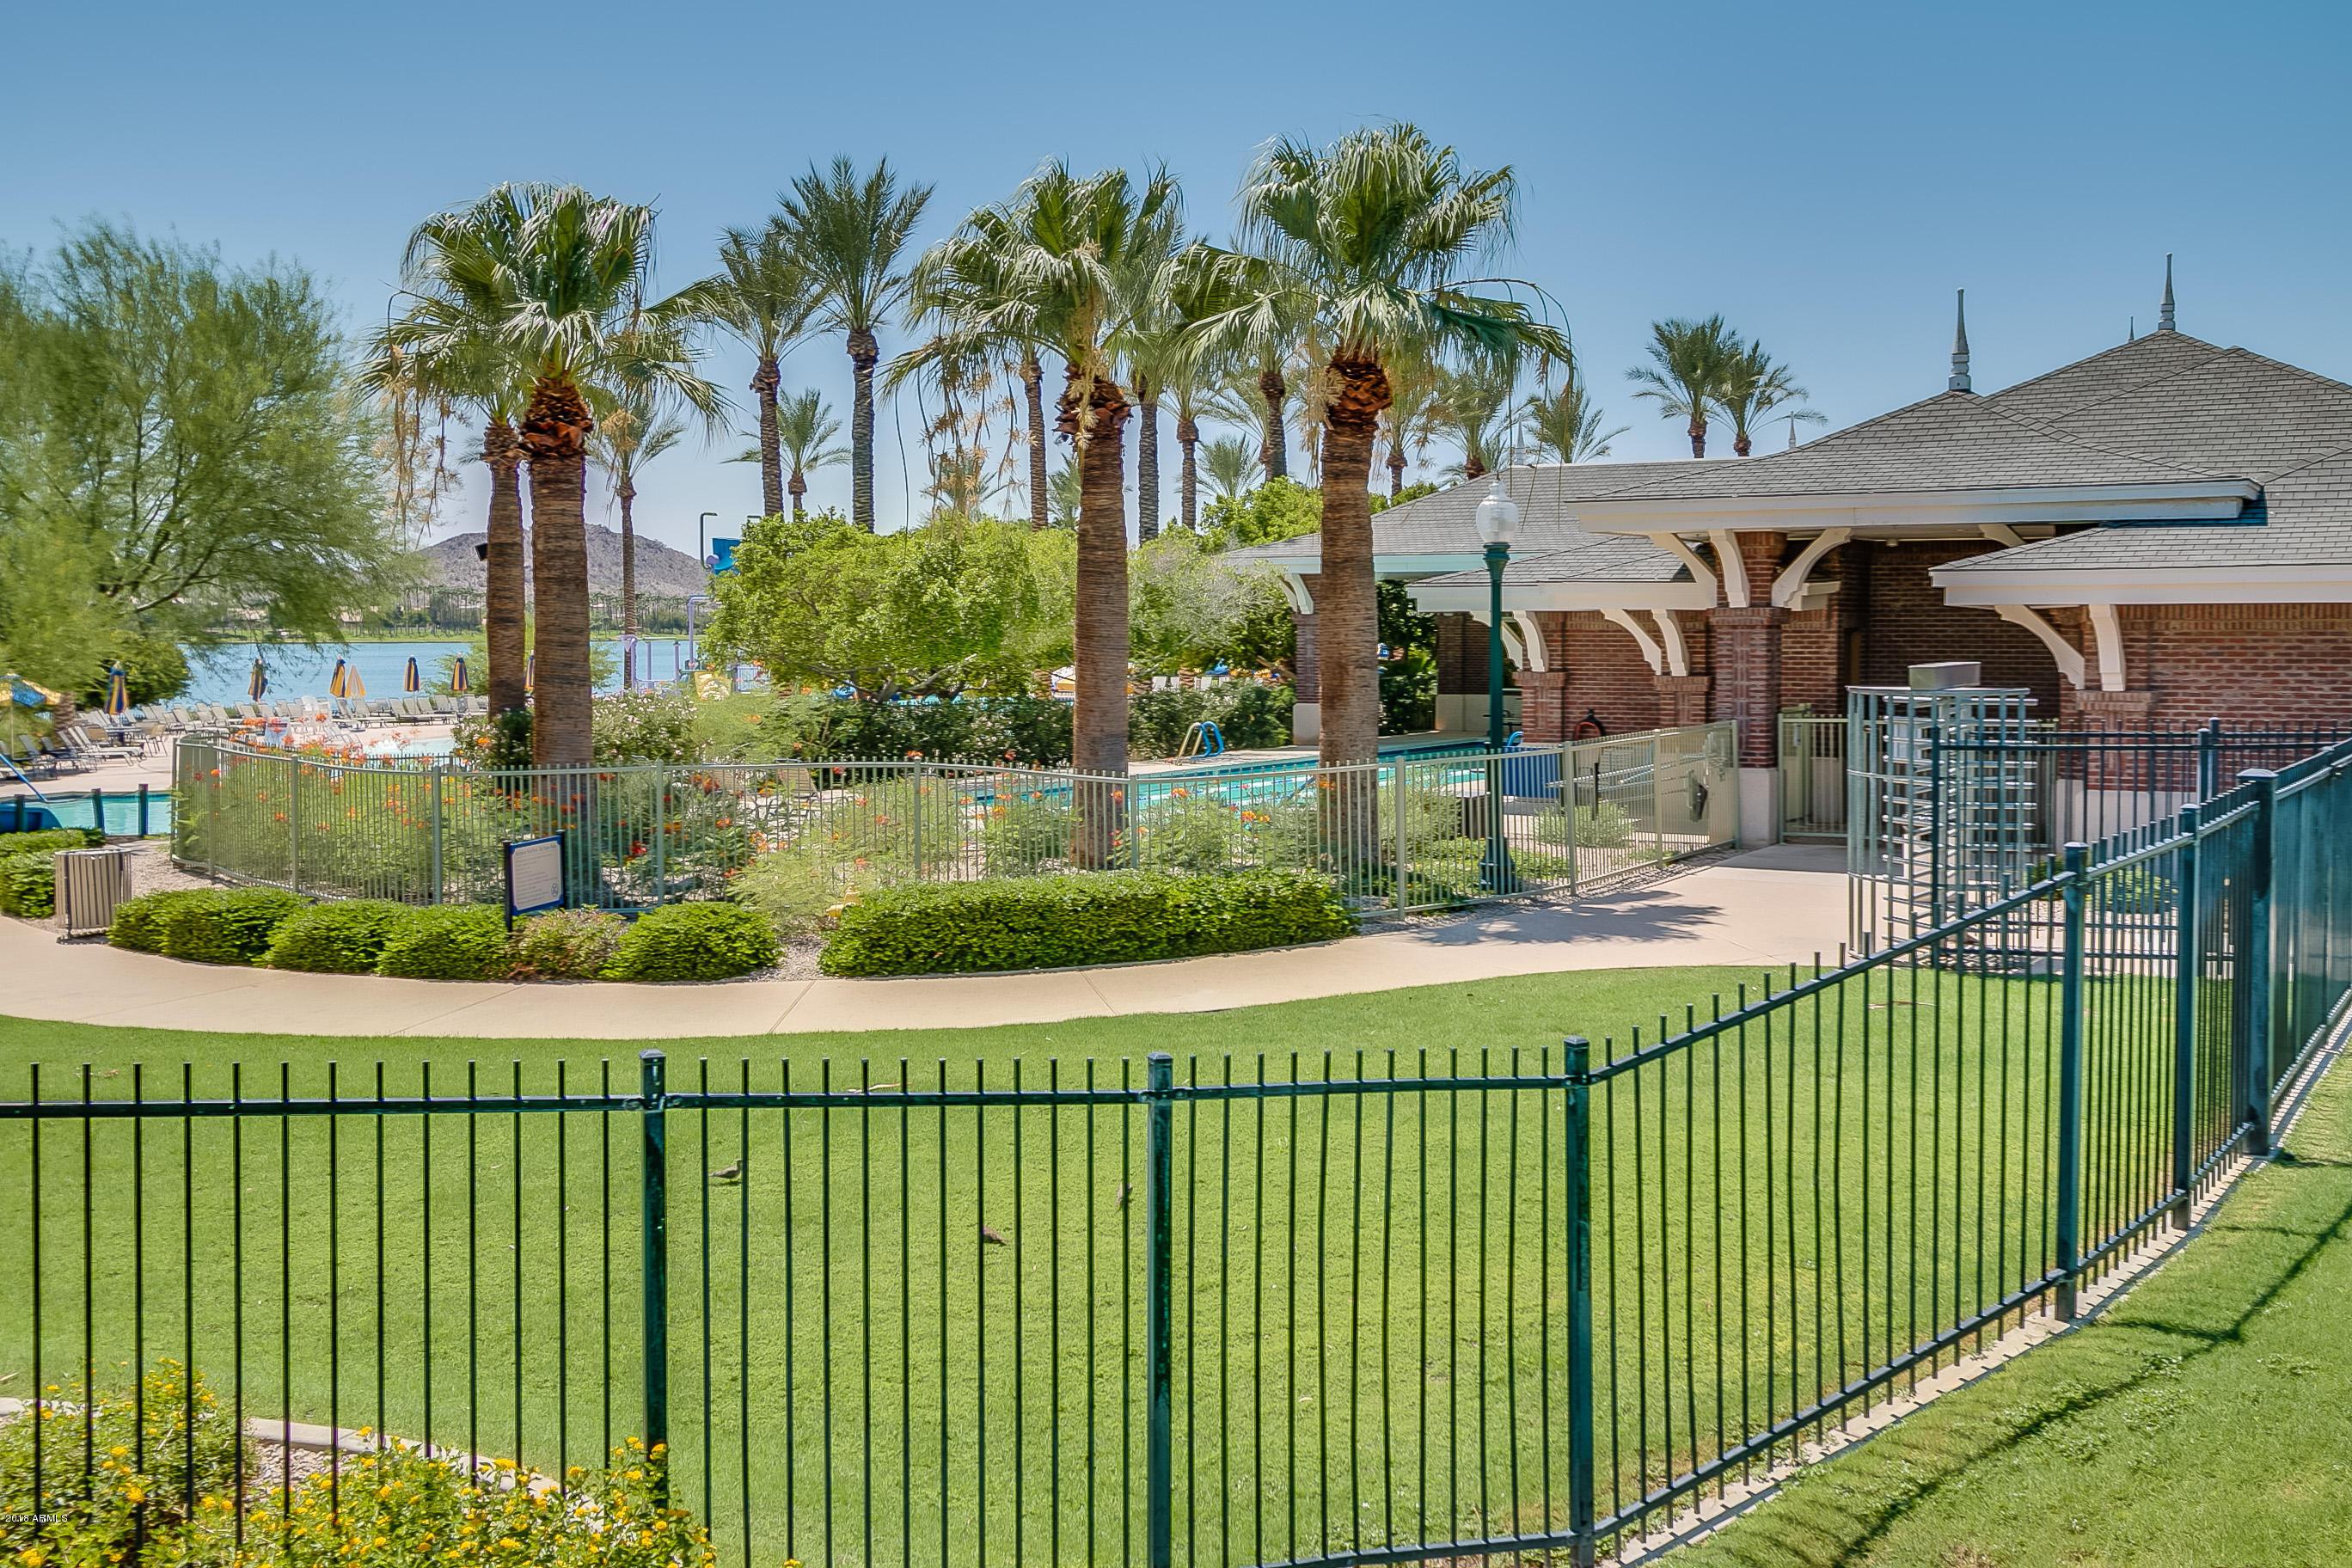 13761 S 176TH Drive Goodyear, AZ 85338 - MLS #: 5853726